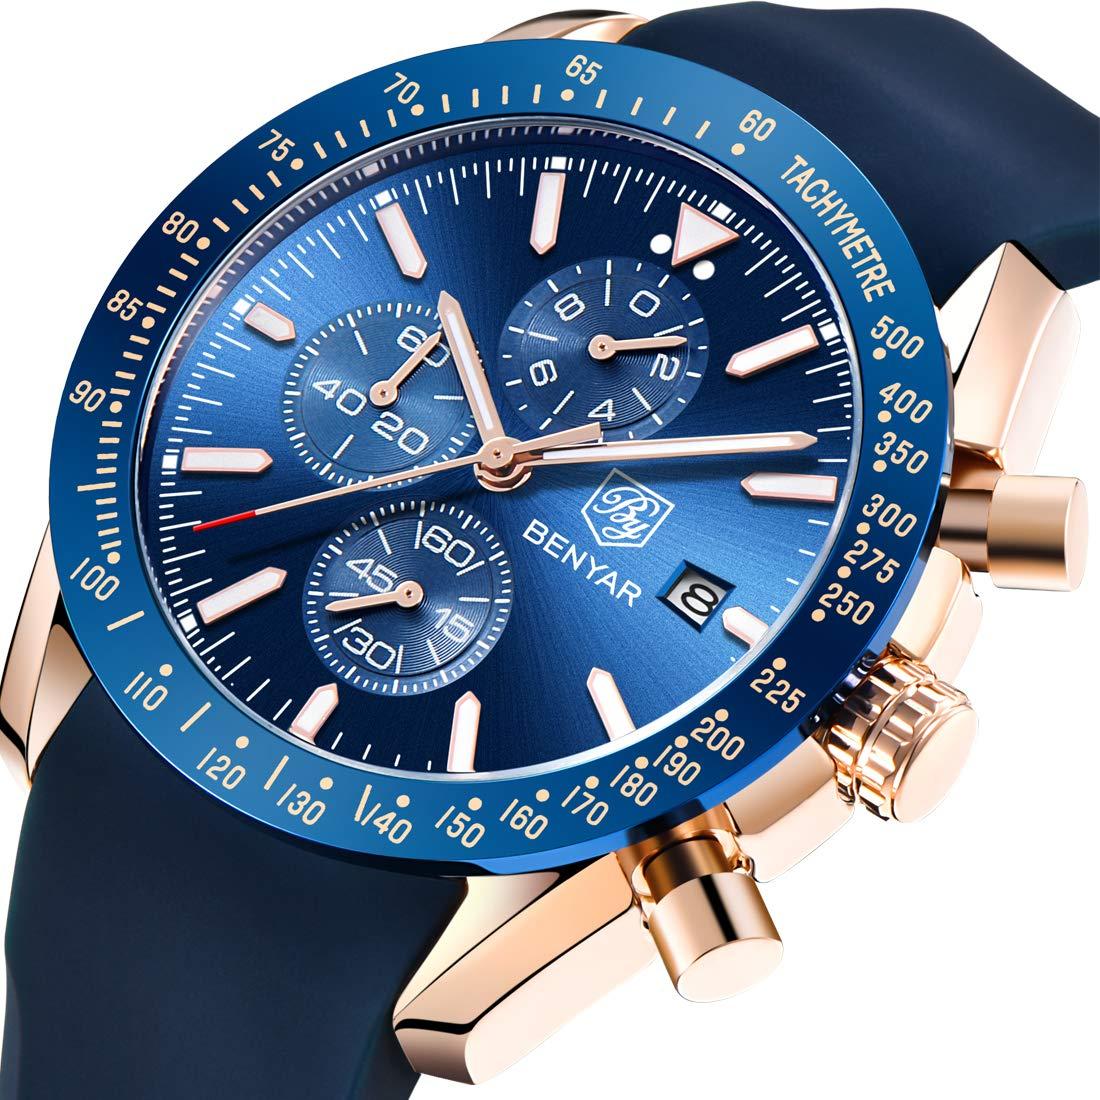 BENYAR Men's Waterproof Casual Fashion Business Silicone Men's Watch(Blue)